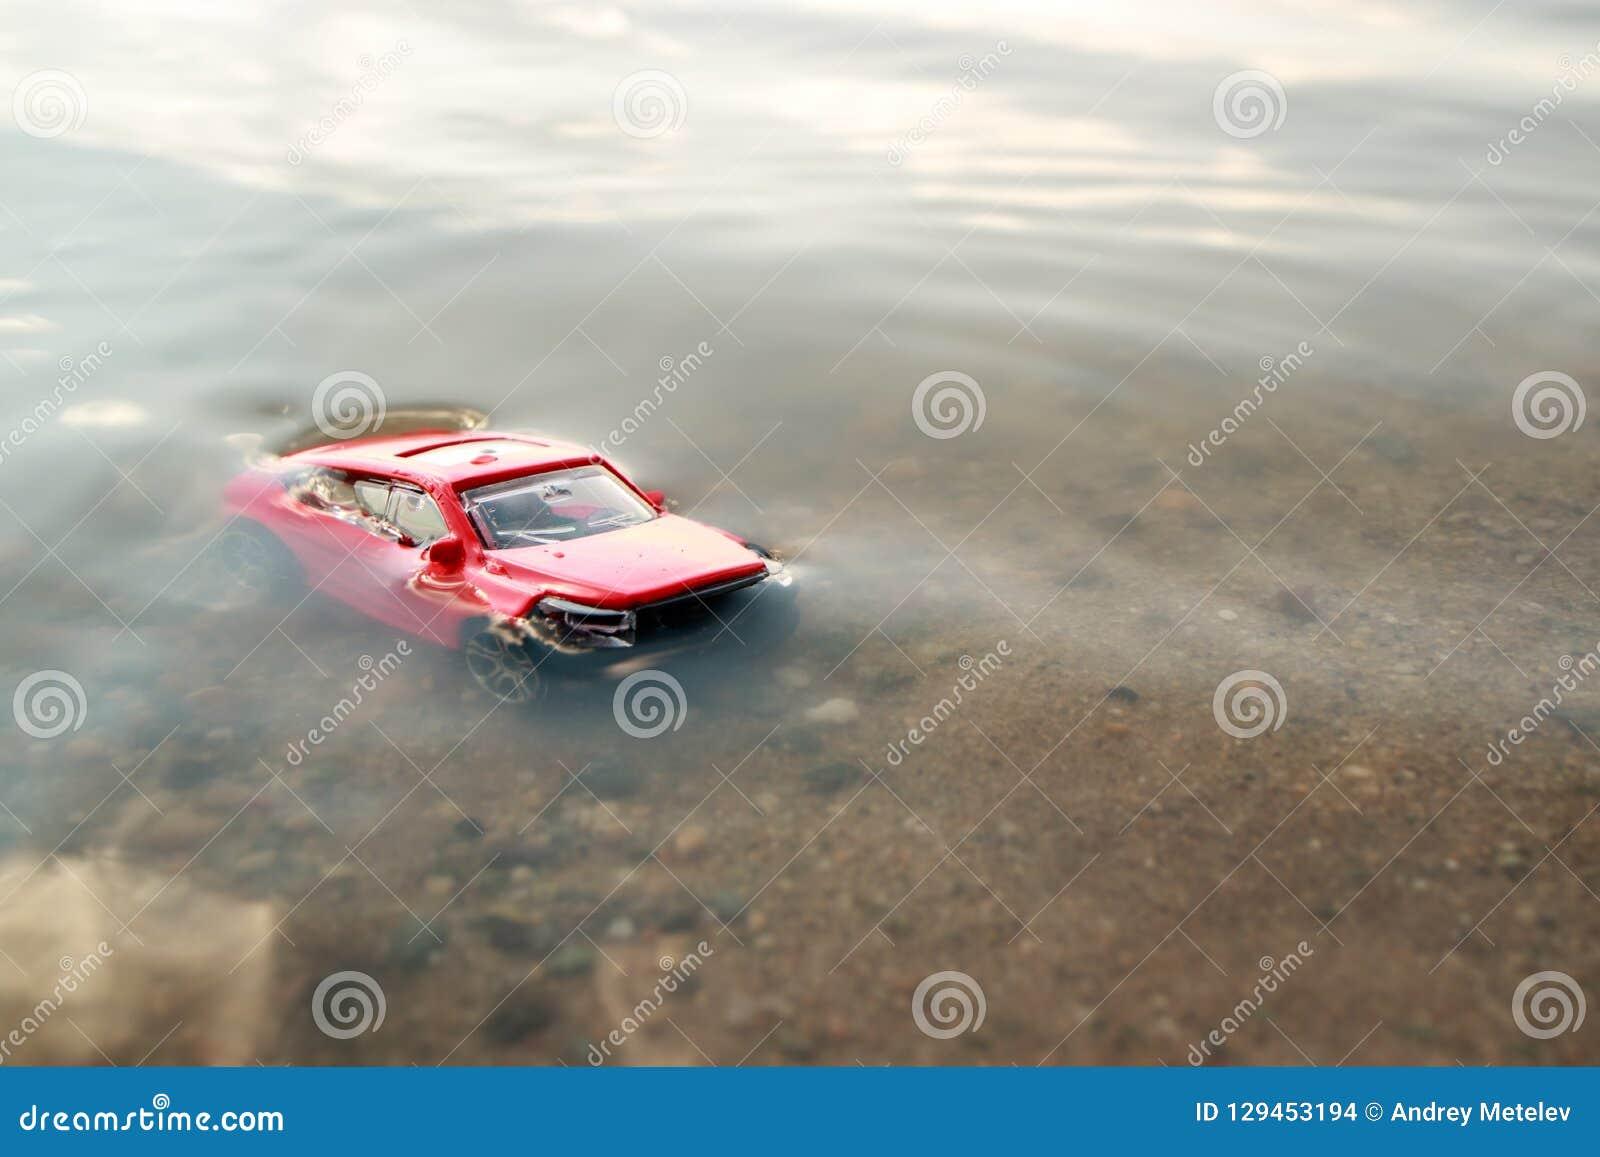 Voiture Jouet Submergée Dans Nous L'étang Rouge De L'eauNoyée GpqzMVUS